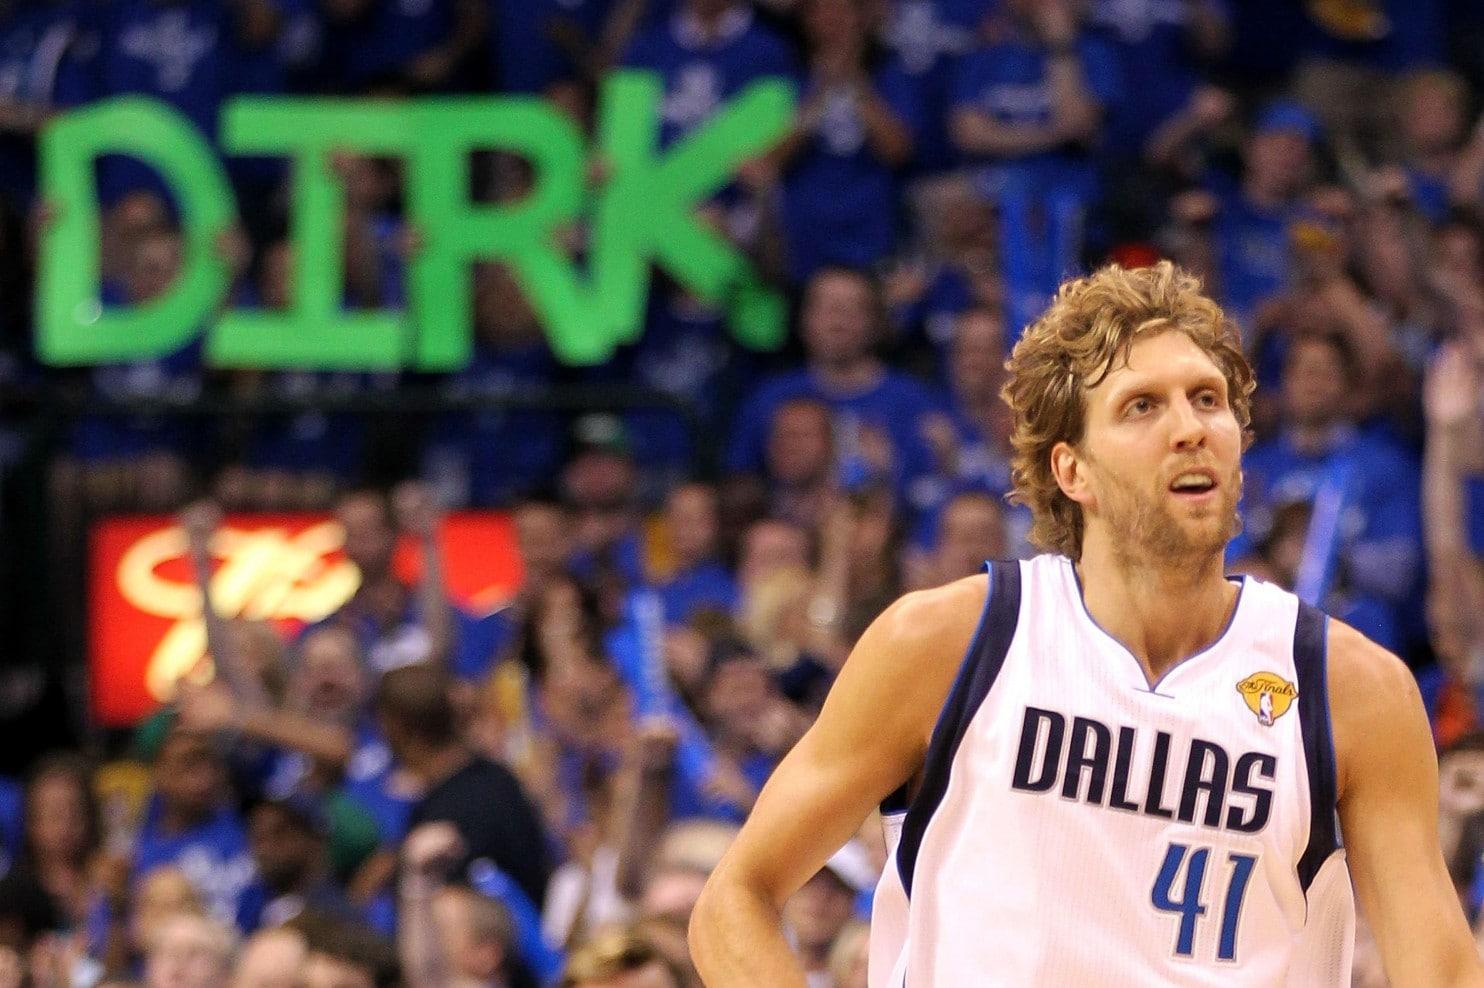 Прощай Дирк   Самые значимые события в карьере Новицки в НБА